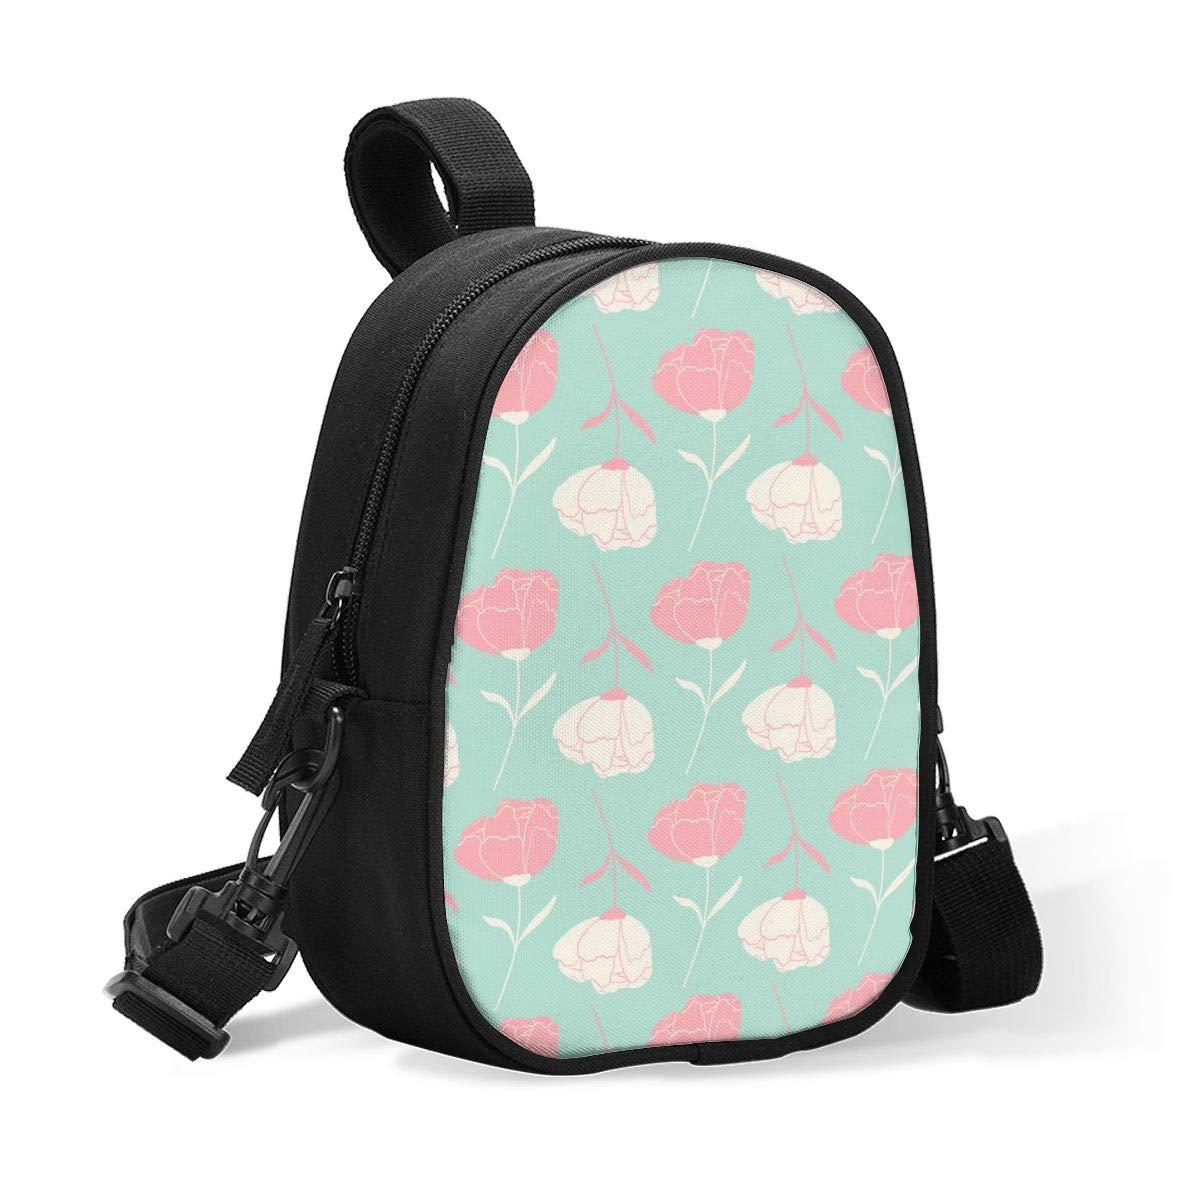 Breastmilk Cooler Bag Insulated Baby Bottle Bag Pink and White Floral Rose Flowers Reusable Baby Bottle Warmer Tote Bag Handbag Lunch Bag Box for 2 Large Bottles for Nursing Mom, Stroller